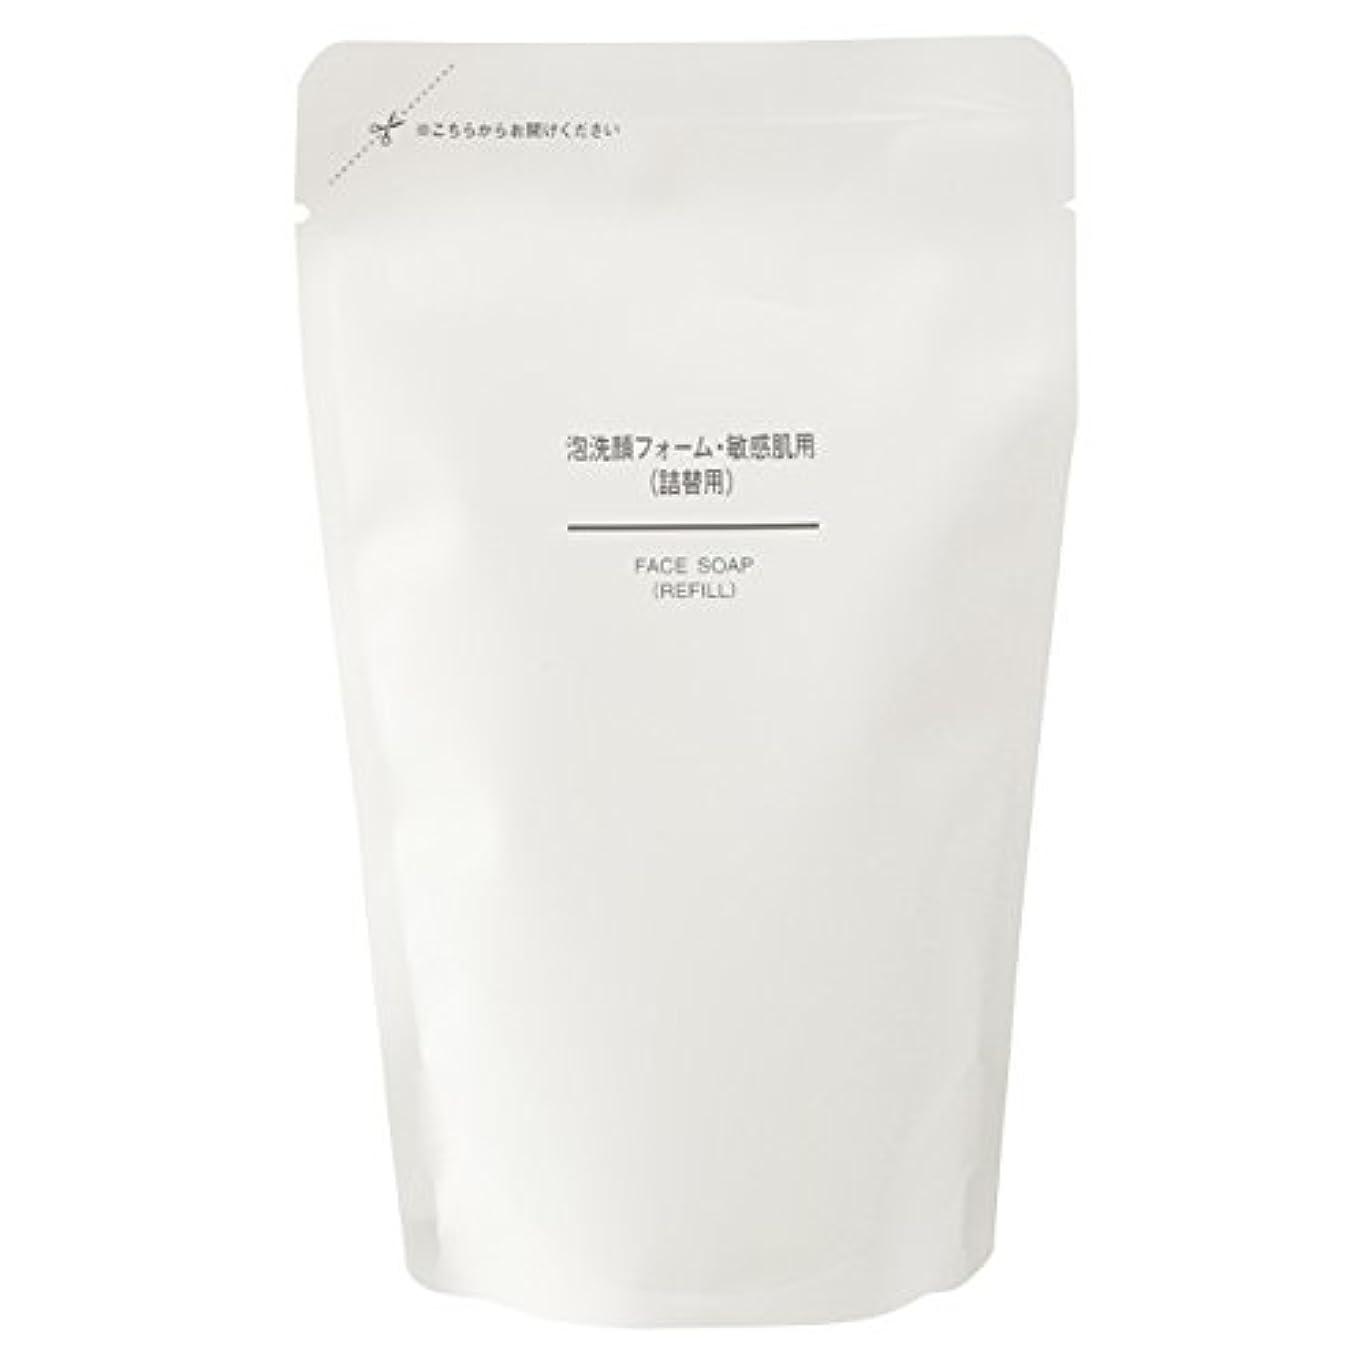 冒険者そしてふさわしい無印良品 泡洗顔フォーム 敏感肌用(詰替用) 180ml